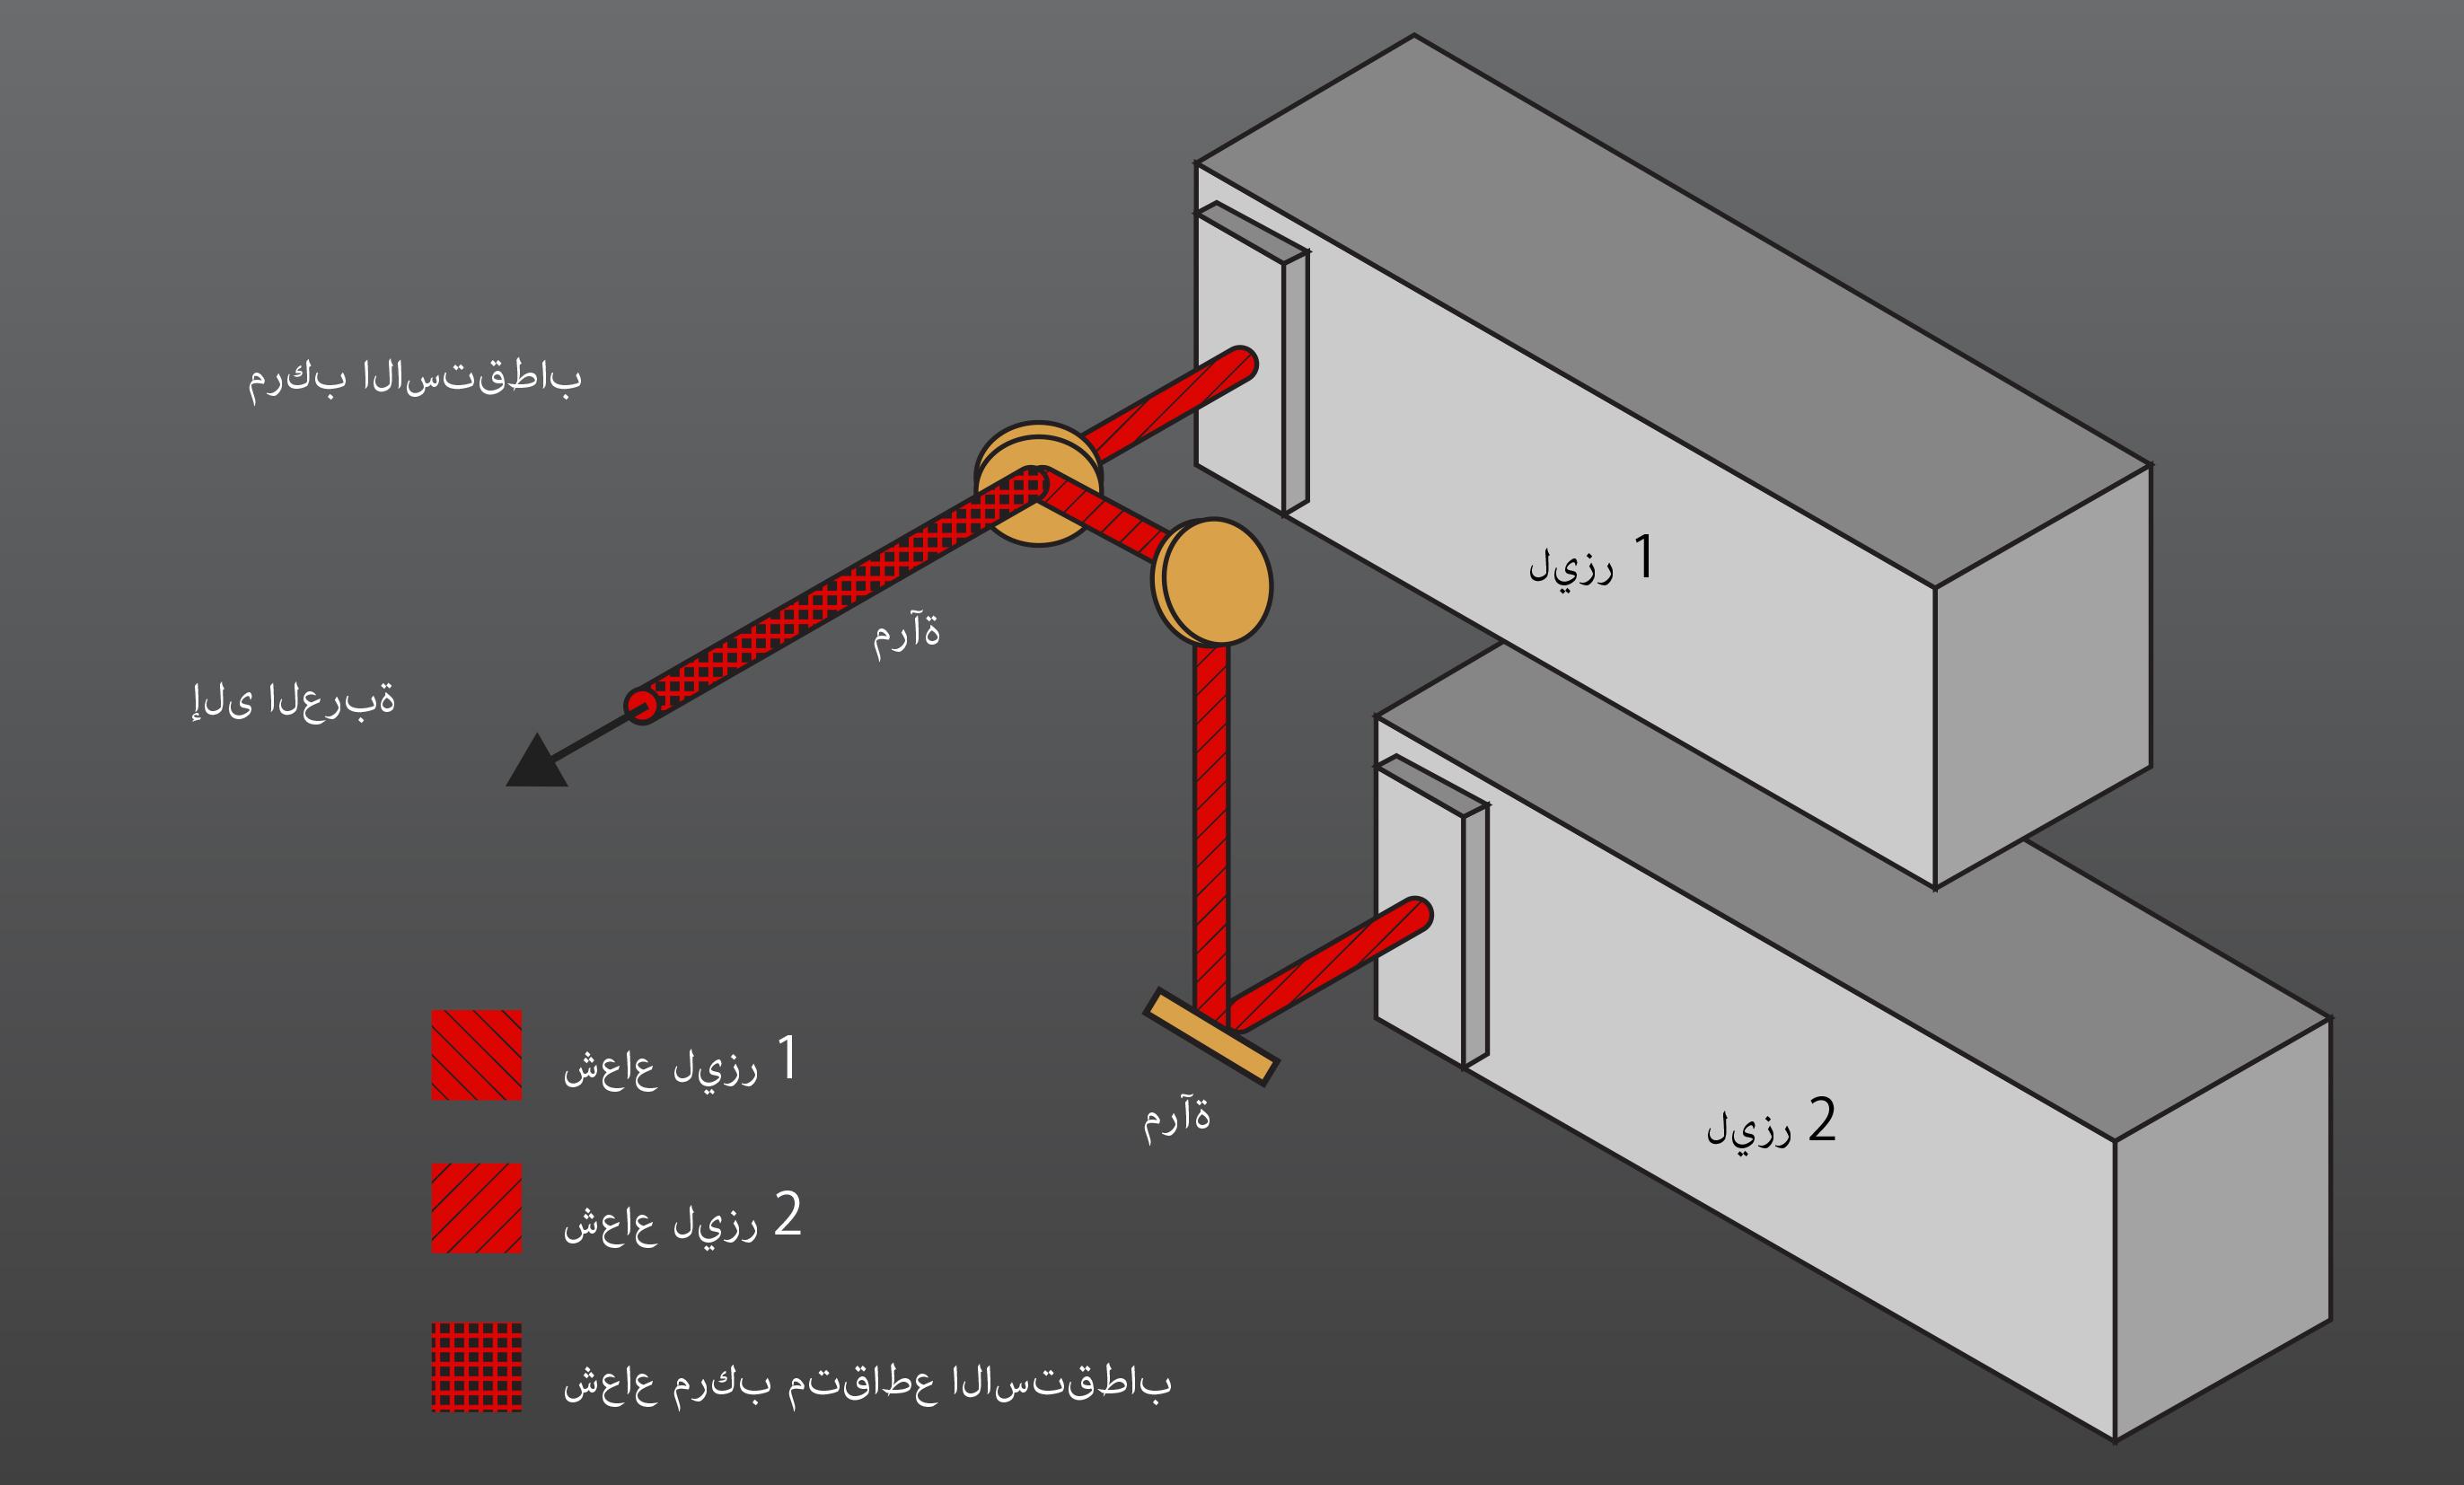 أنظمة ذات تكوين الليزر المزدوج